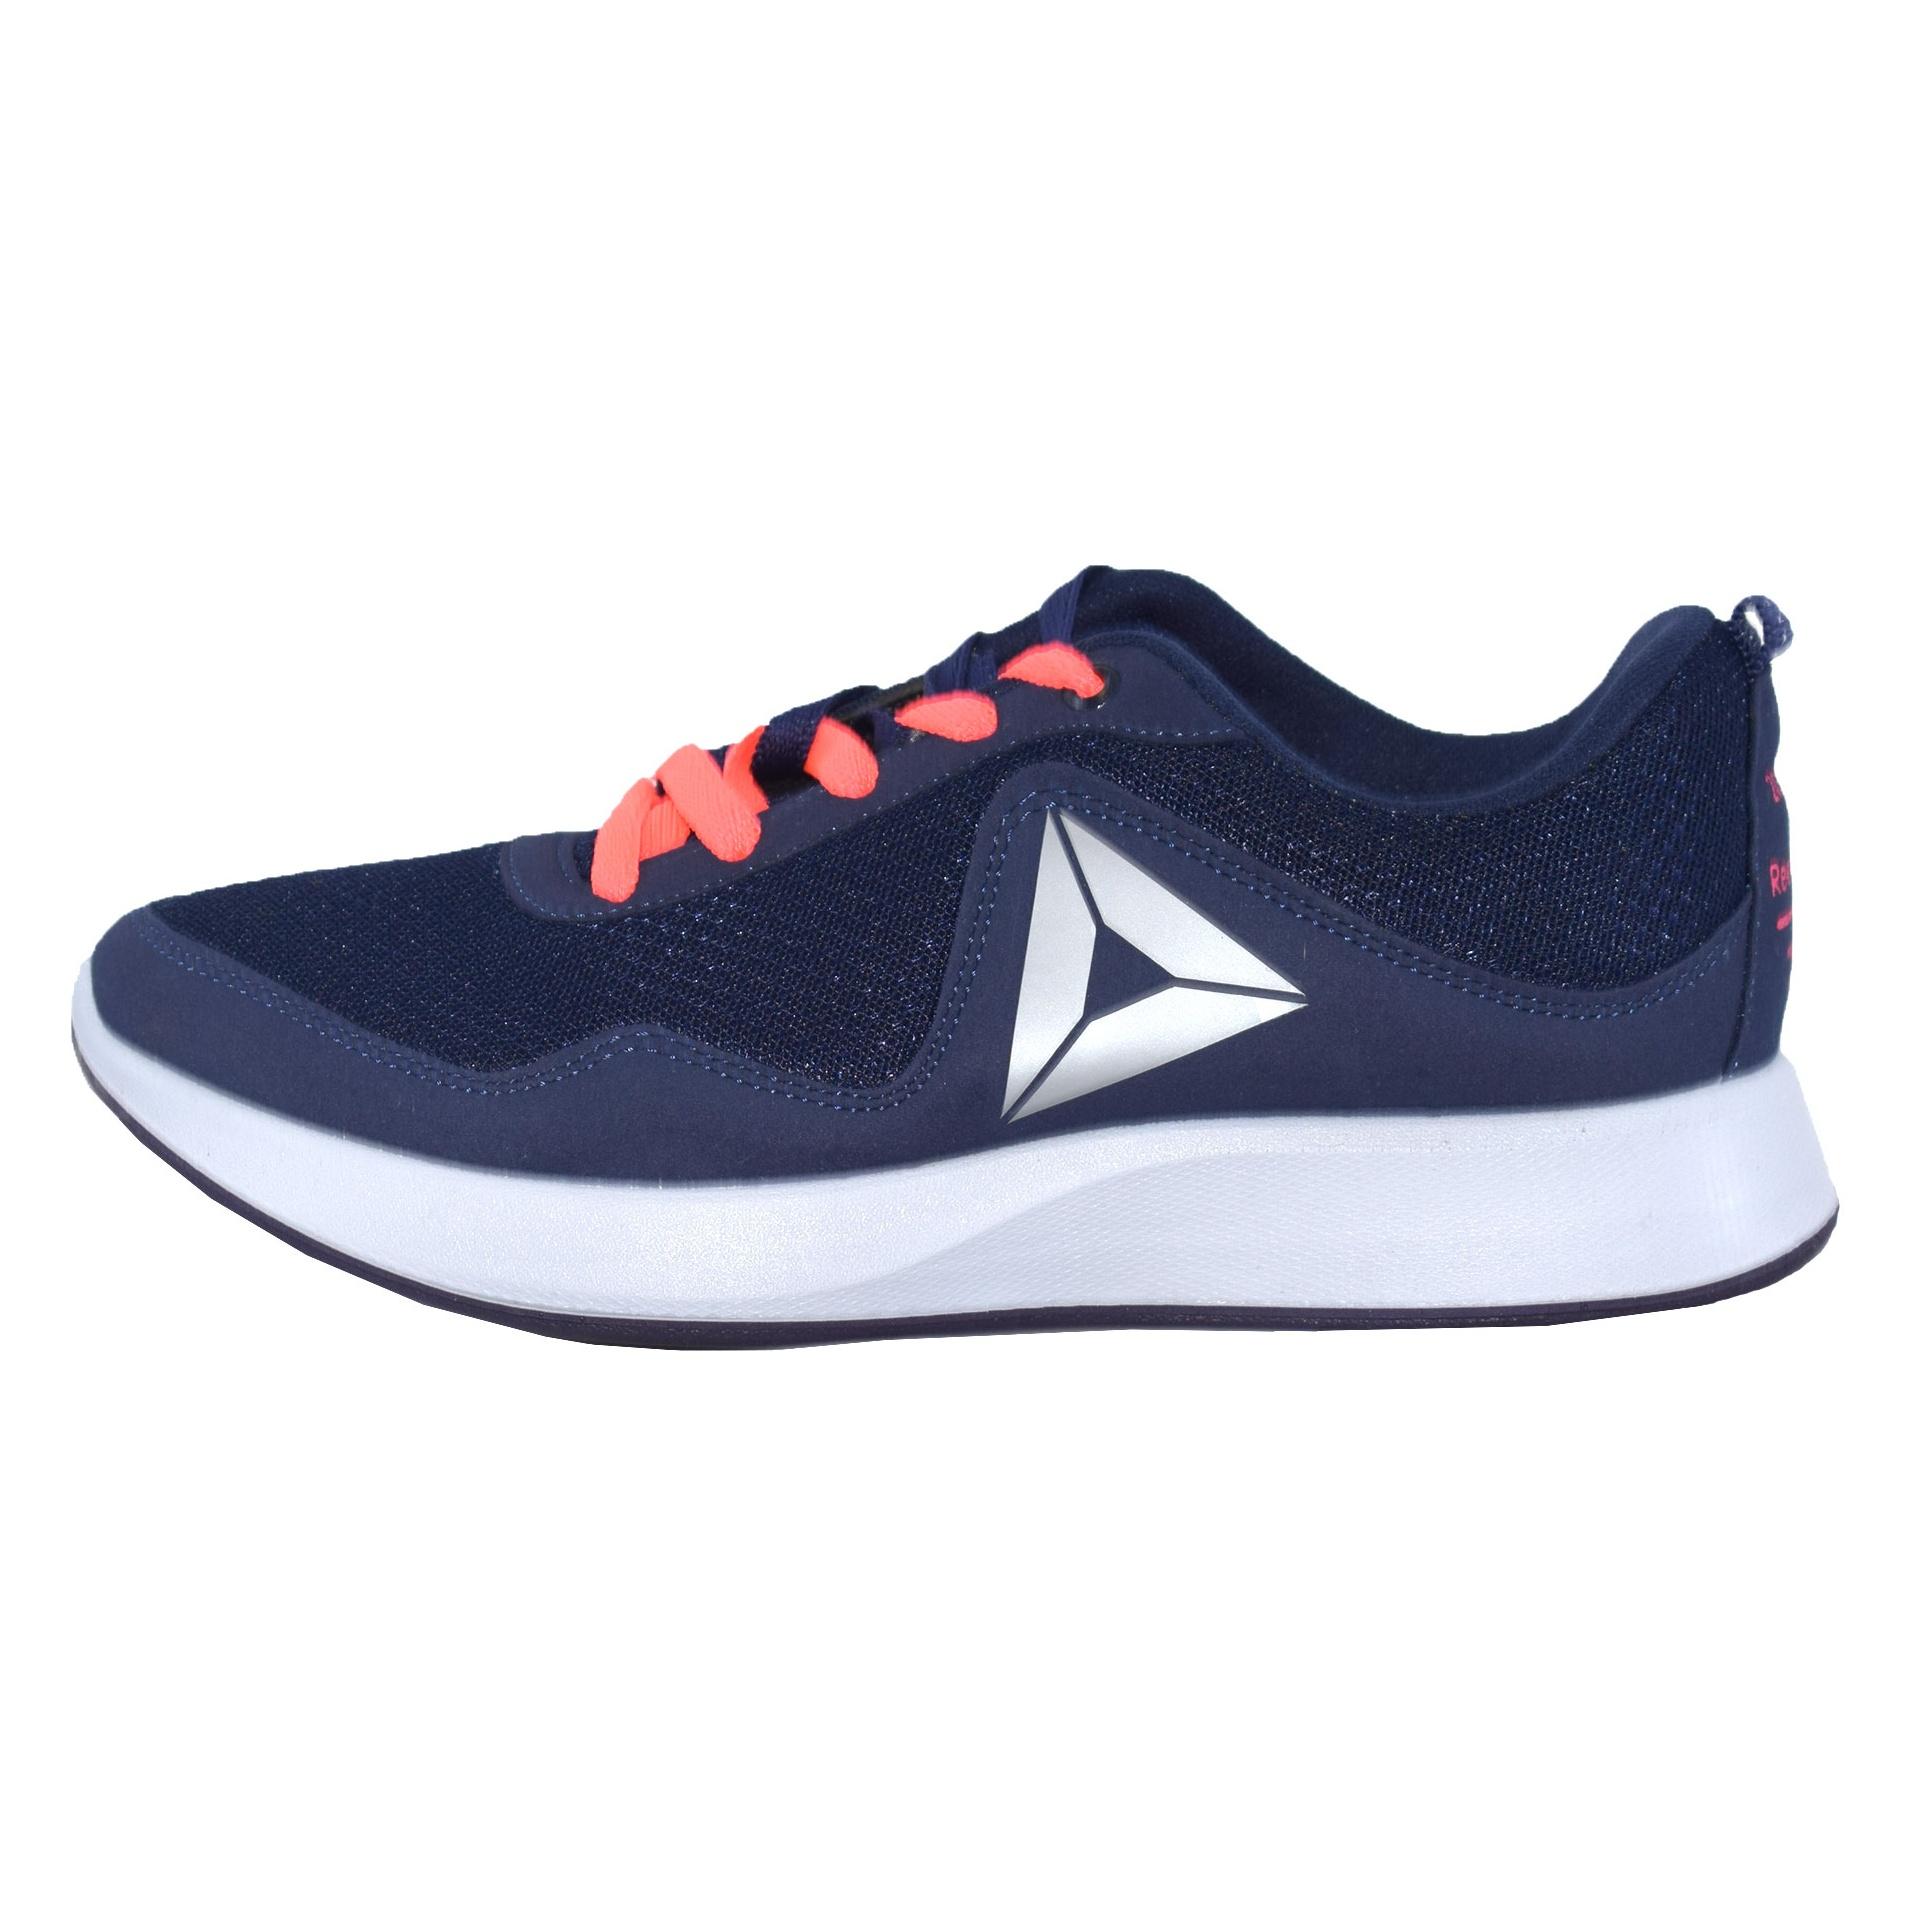 کفش مخصوص پیاده روی زنانه کد 71012